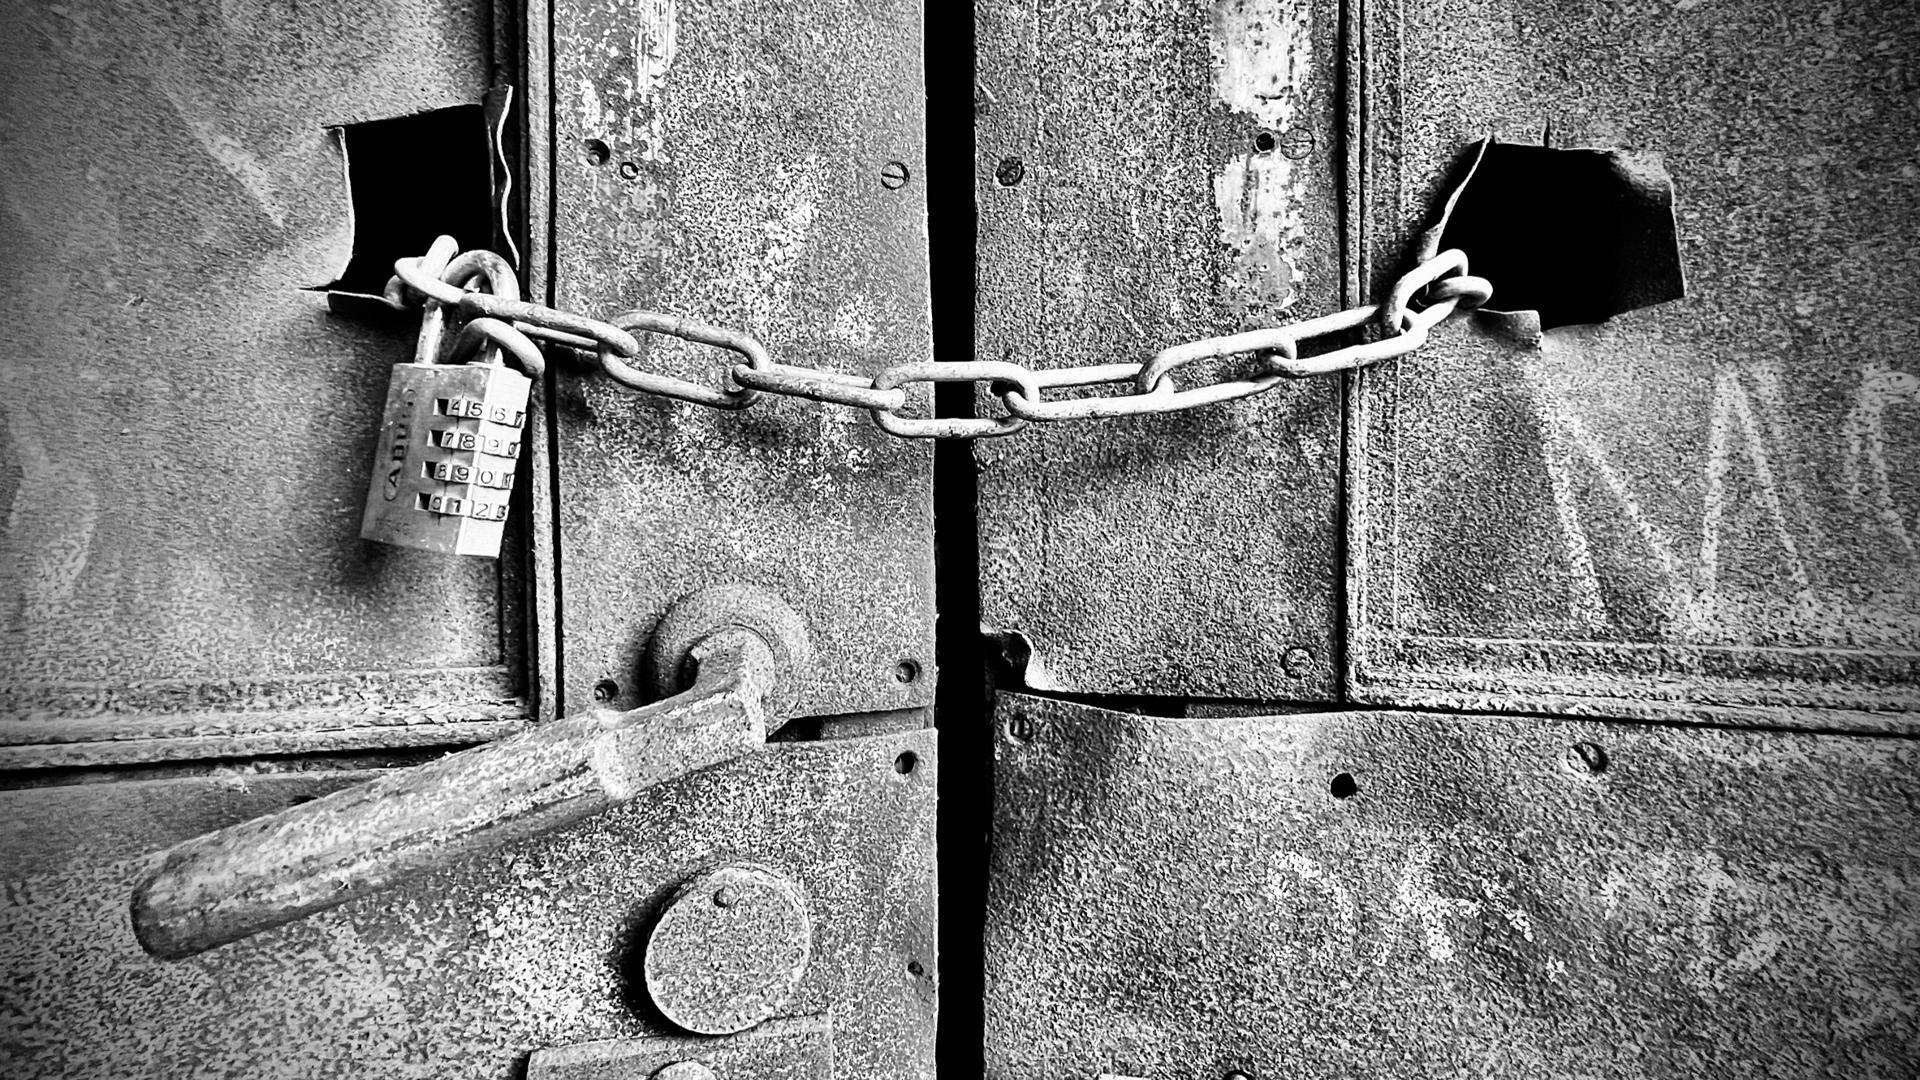 Eine Tür mit einem Schloss zusätzlich verschlossen